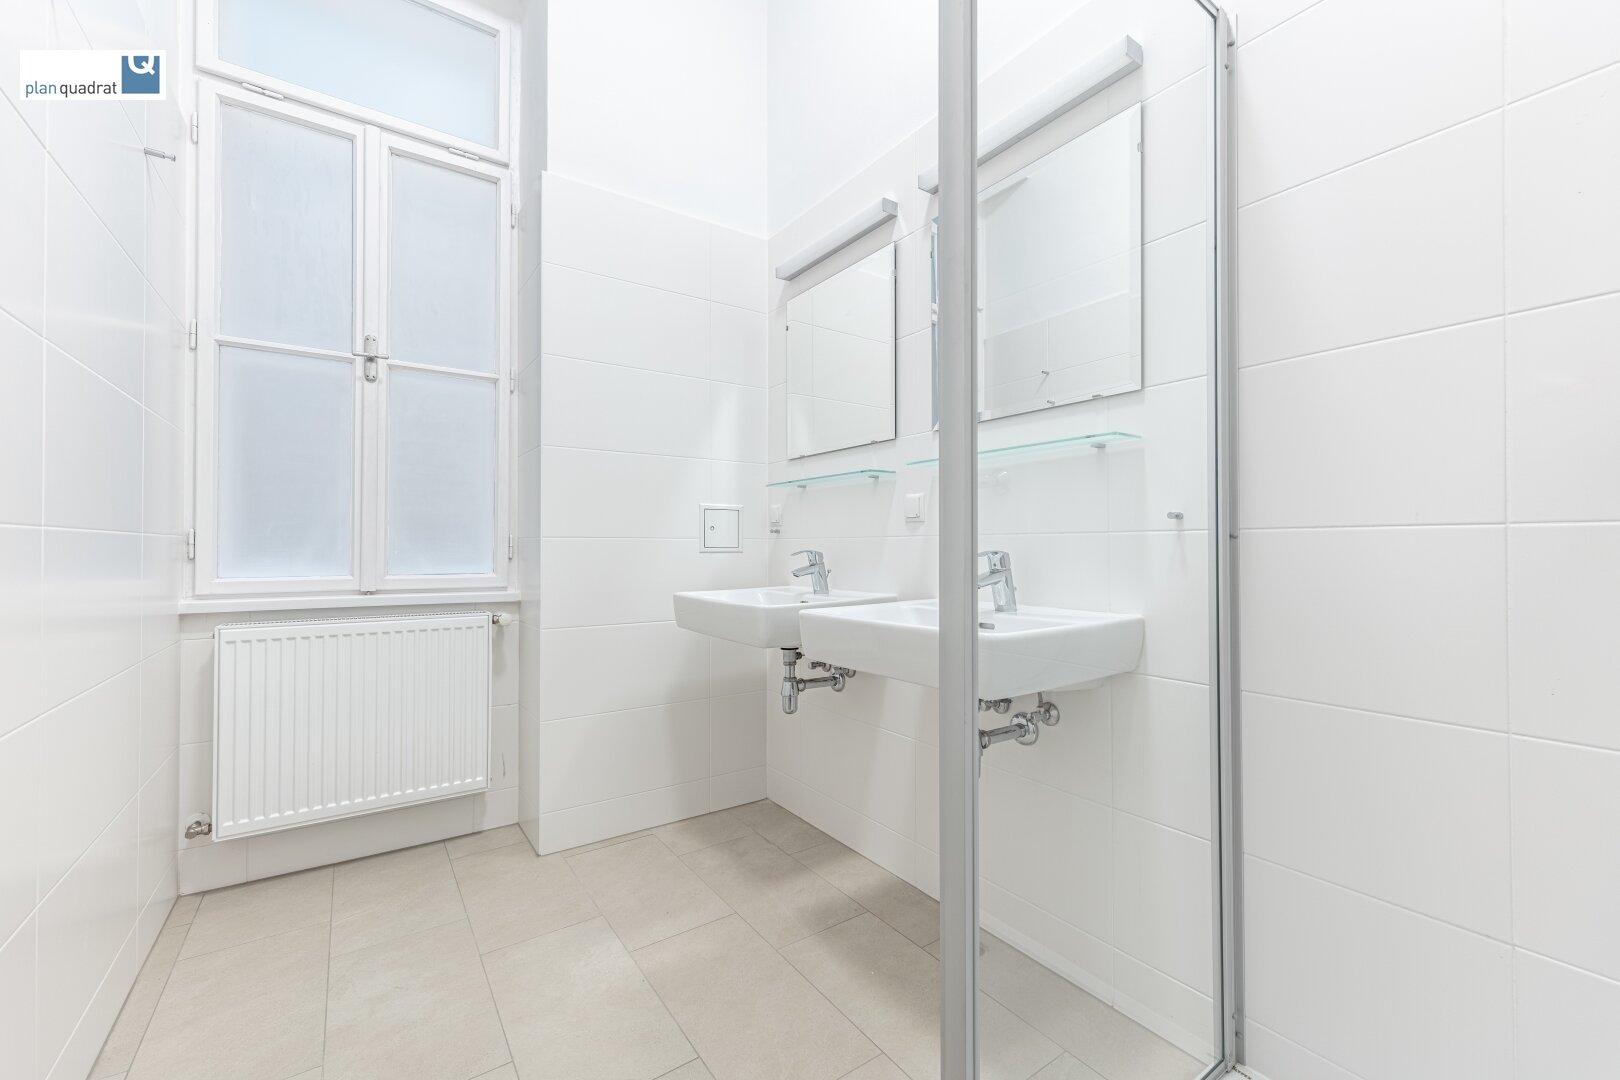 Badezimmer (mit Dusche und zwei Waschbecken)